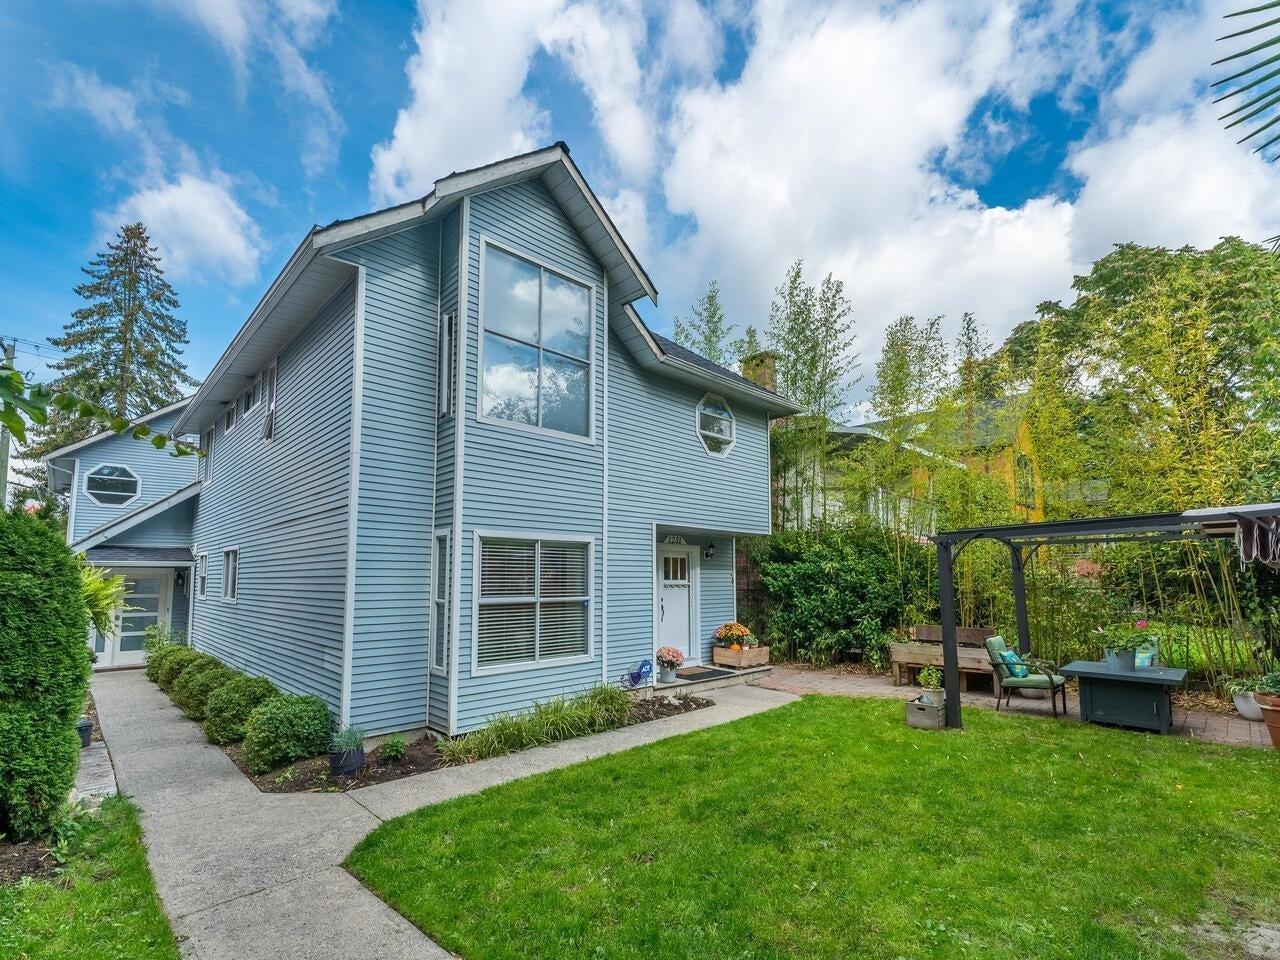 1231 E 11TH AVENUE - Mount Pleasant VE 1/2 Duplex for sale, 3 Bedrooms (R2625828) - #34